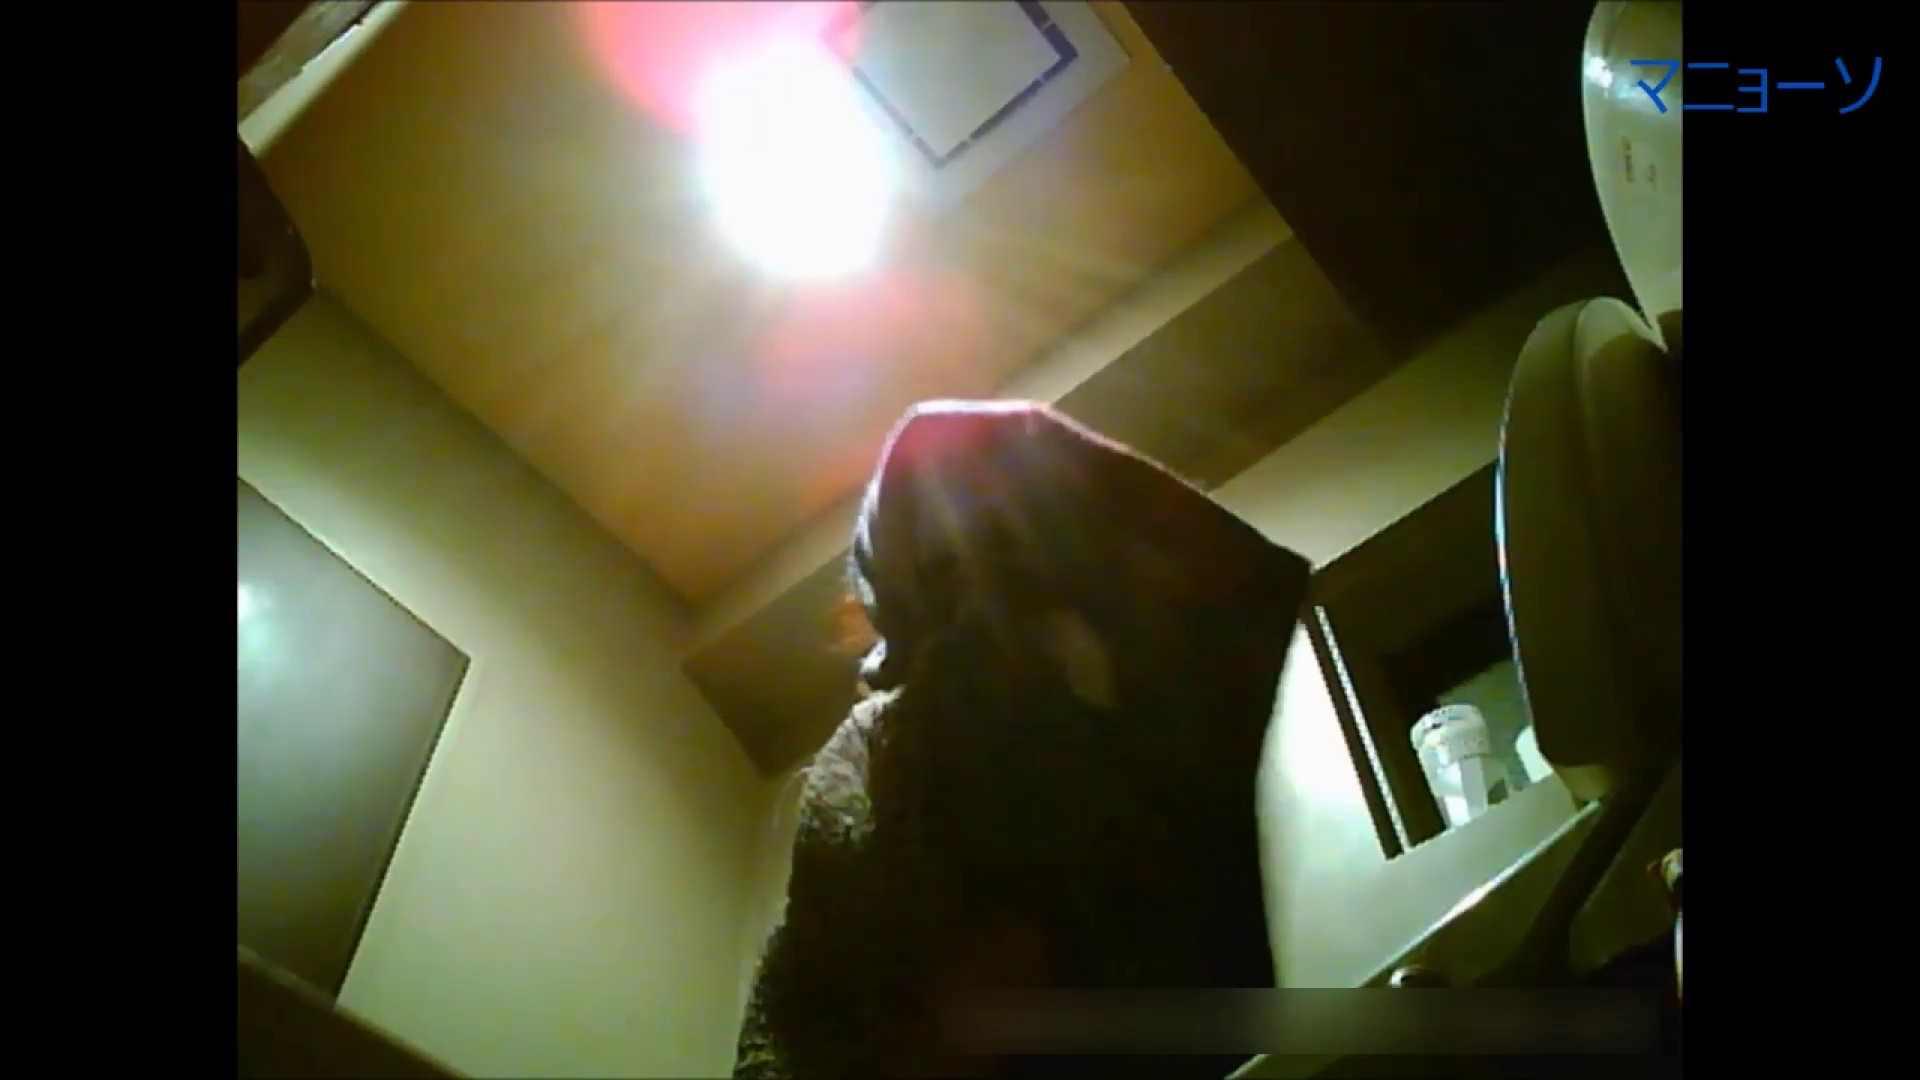 トイレでひと肌脱いでもらいました (JD編)Vol.01 OL  93pic 22